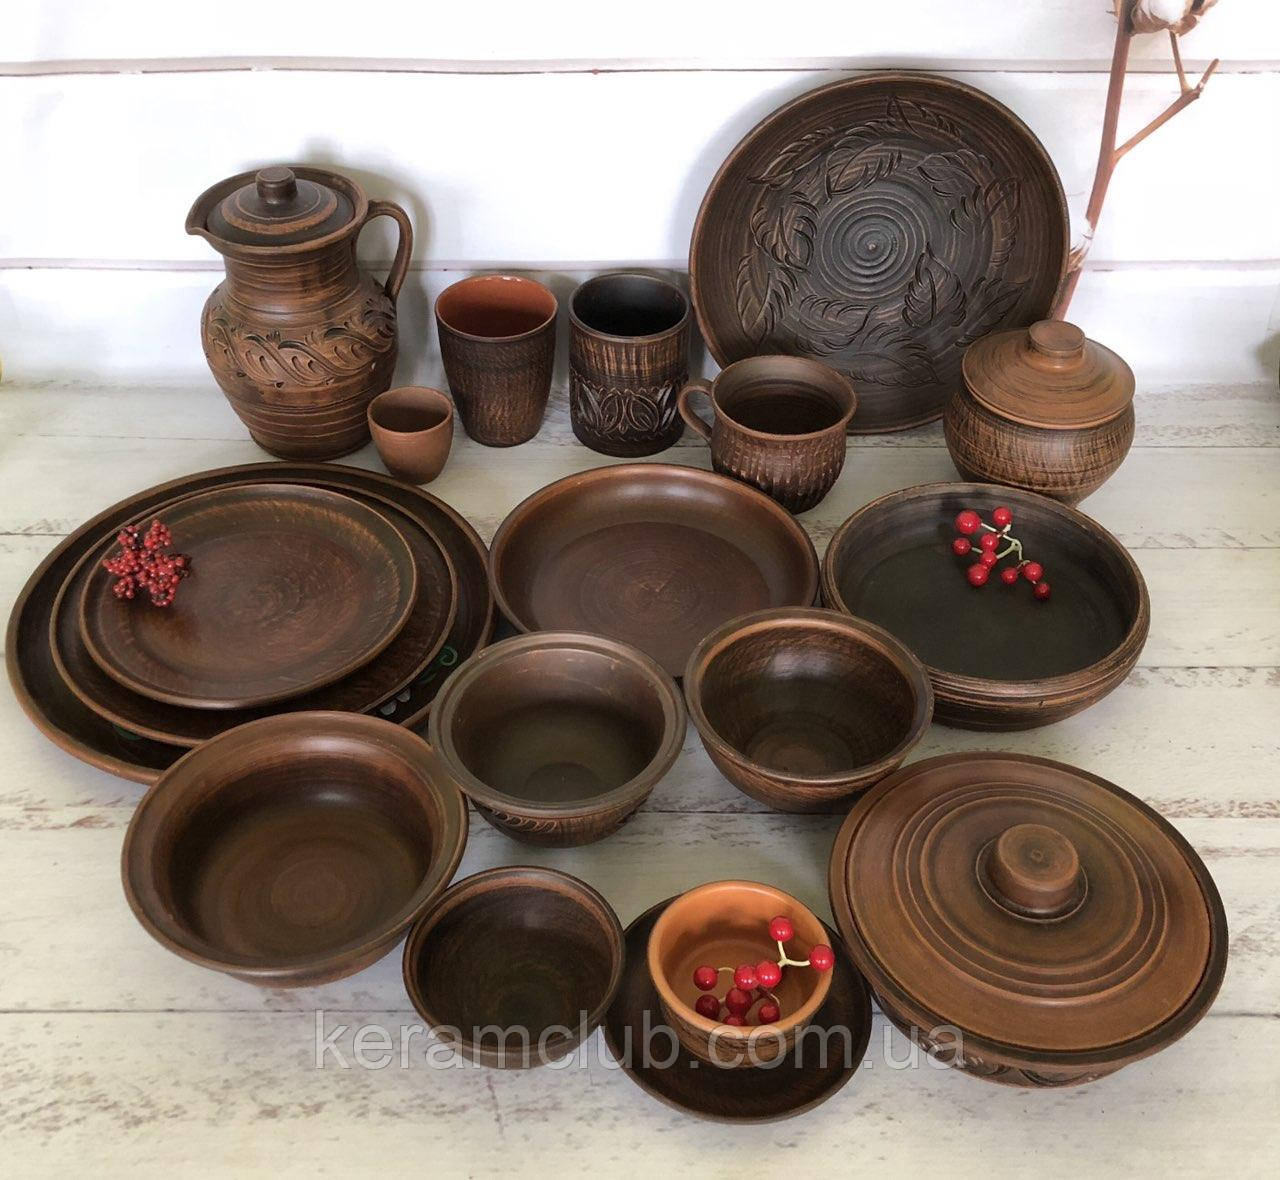 Пробный набор посуды из красной глины для ресторанов